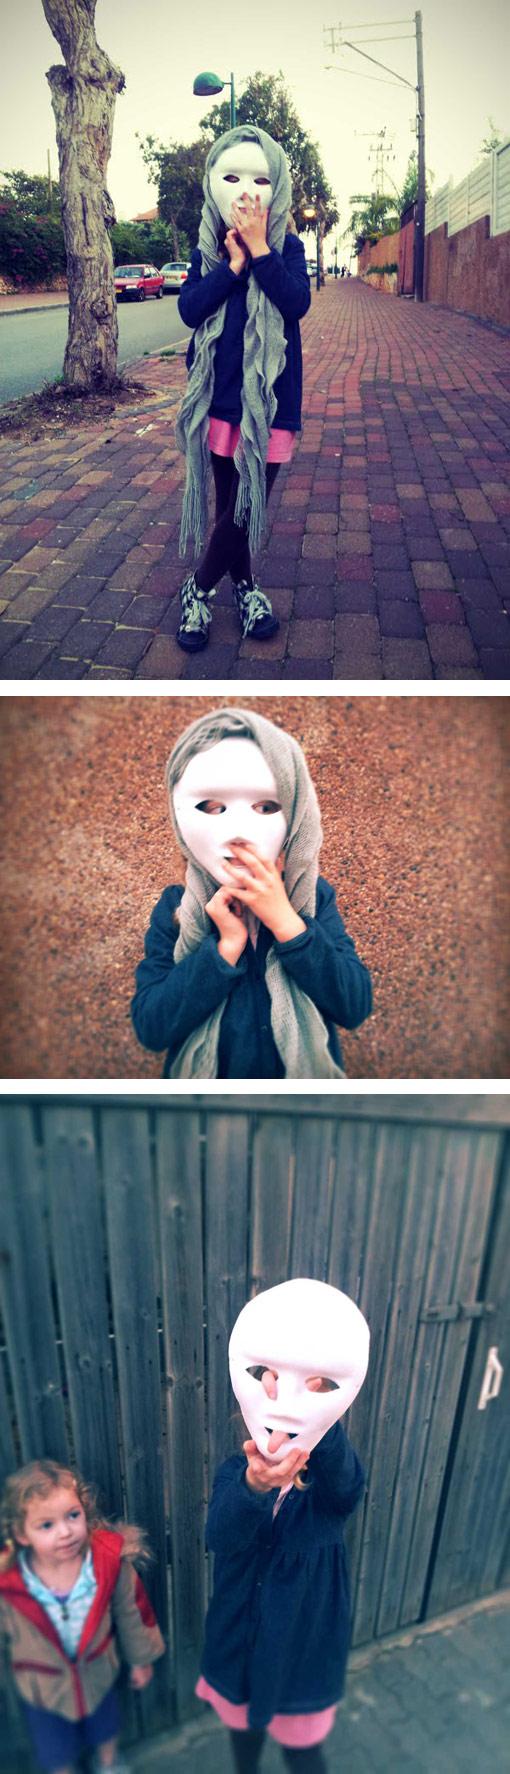 http://lenarevenko.com/blog/files/blog_08.jpg